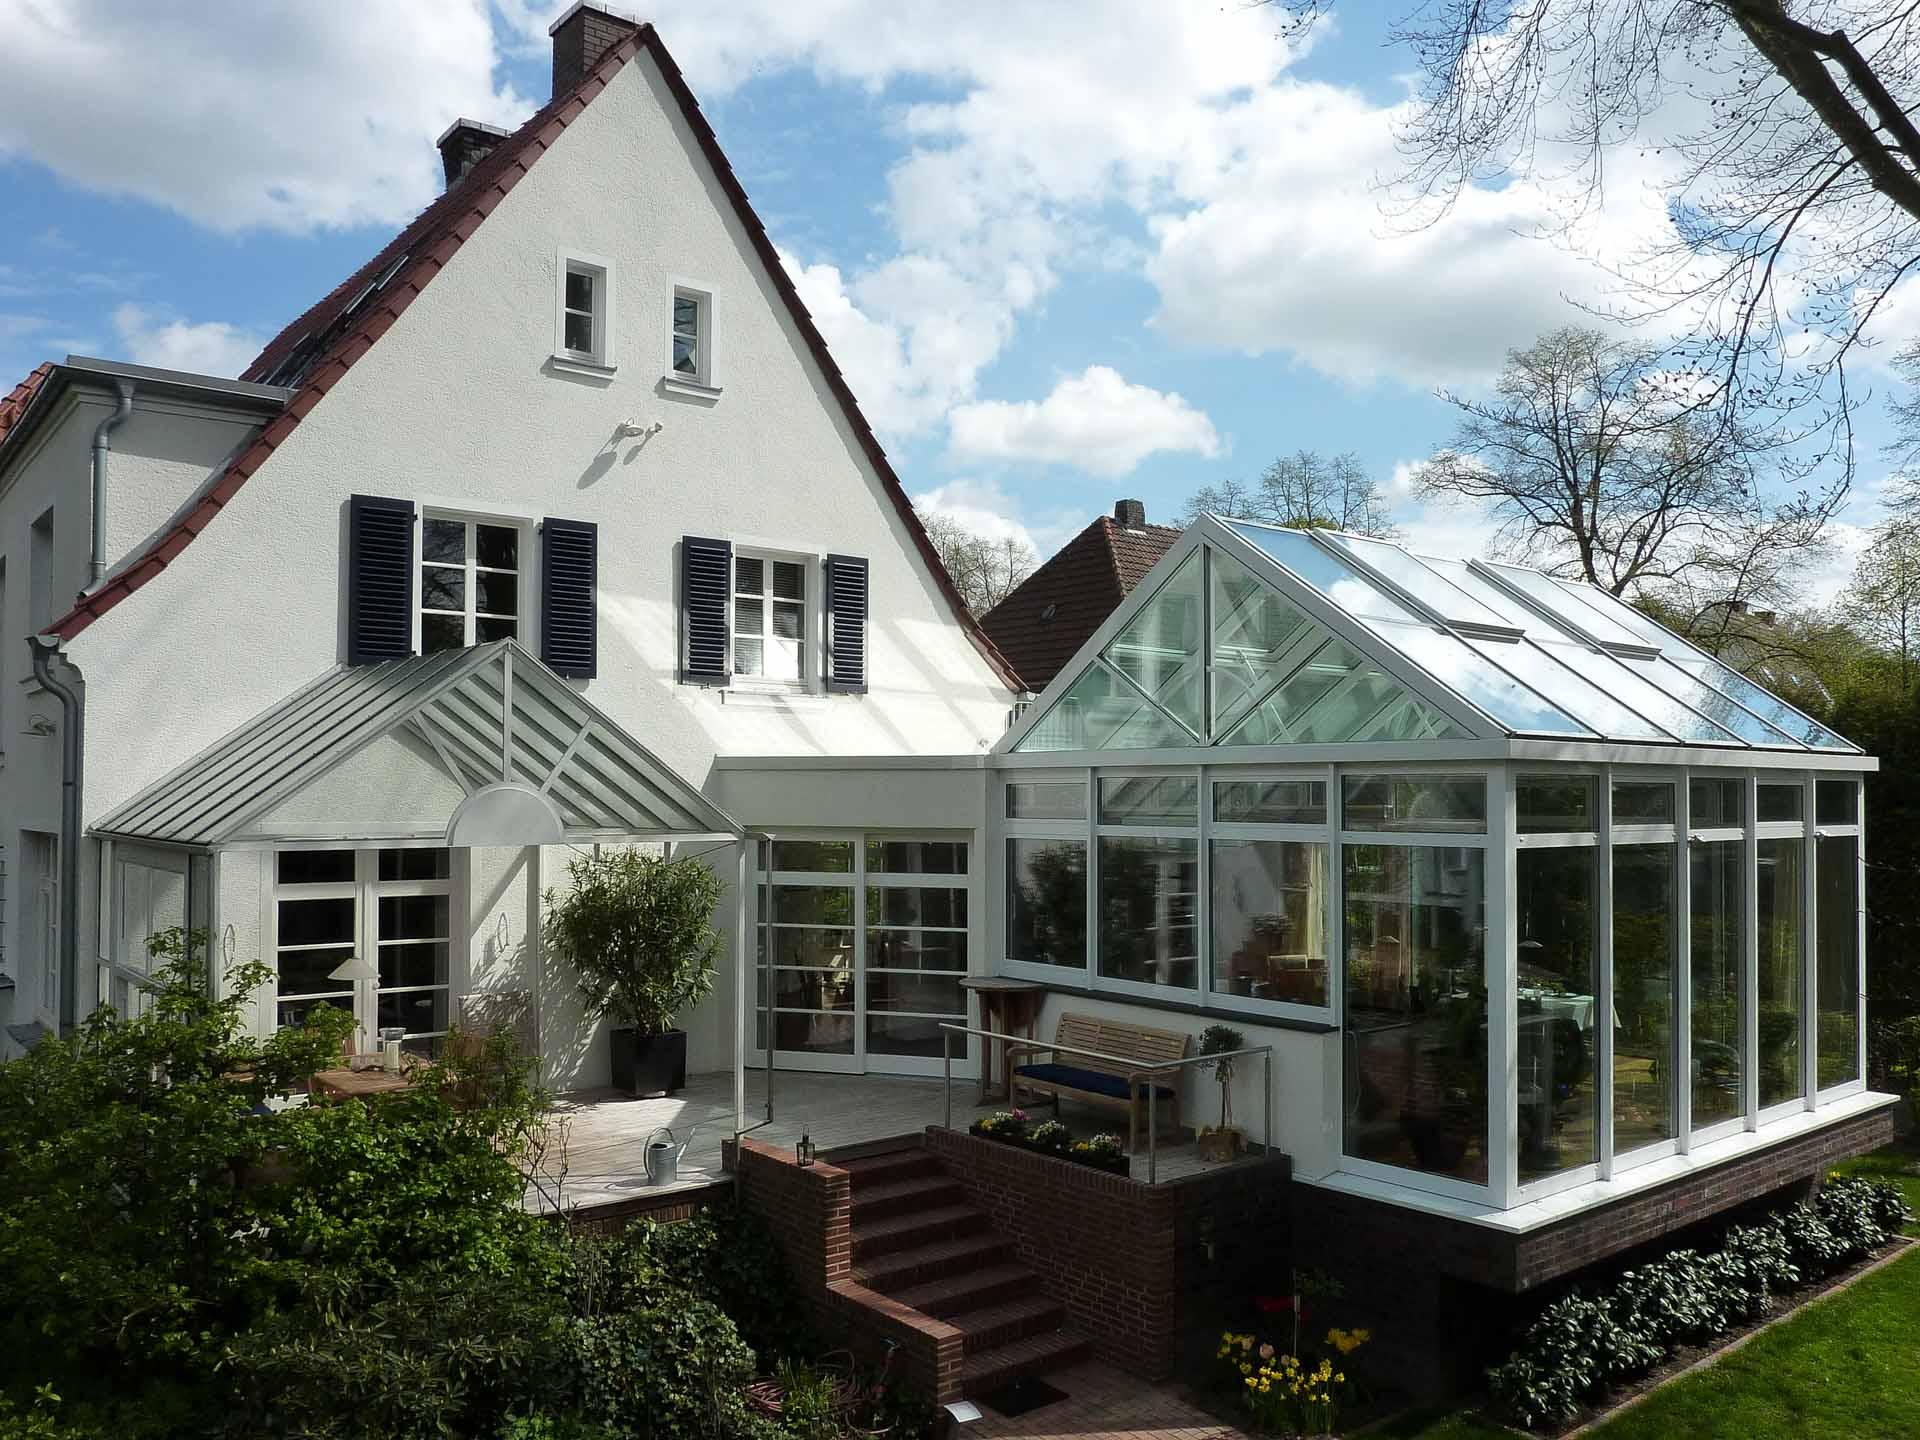 SunArt Wintergarten in Coesfeld (Objekt 1104). Sonnenschutzglas und Dachlüftungsfenster dienen der sommerlichen Klimaregulierung